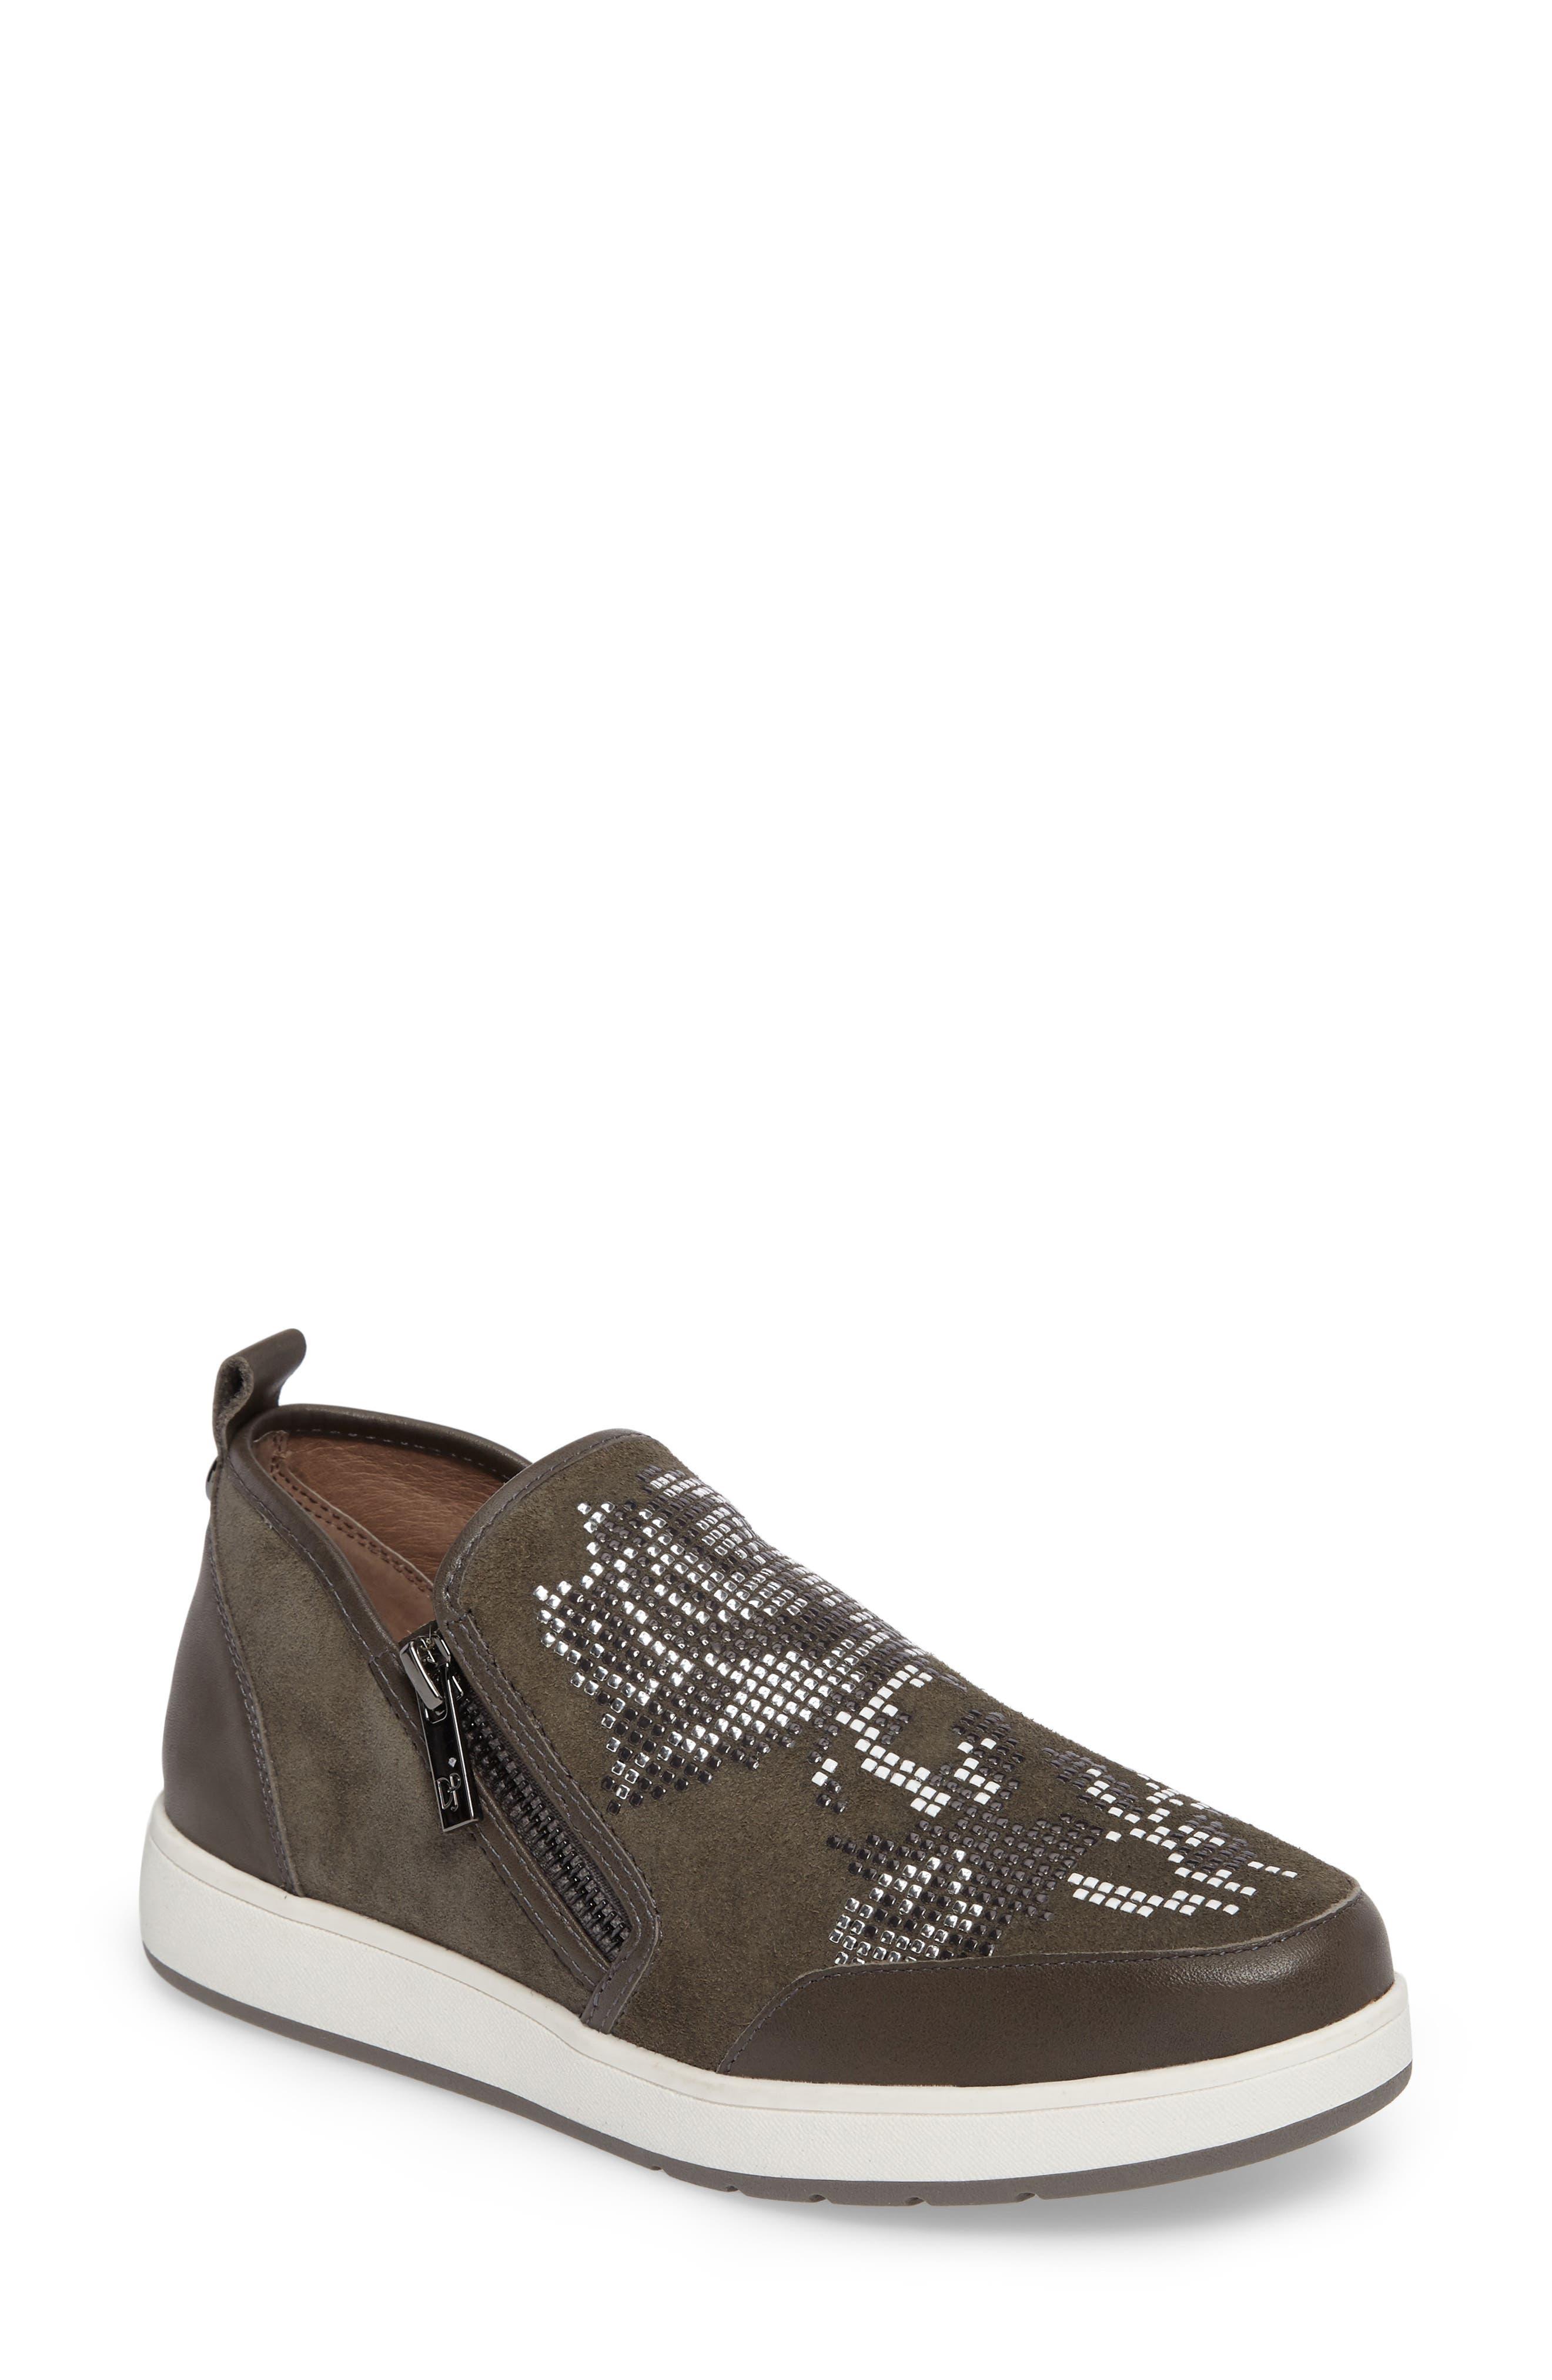 DONALD J PLINER Mylasp Embellished Sneaker